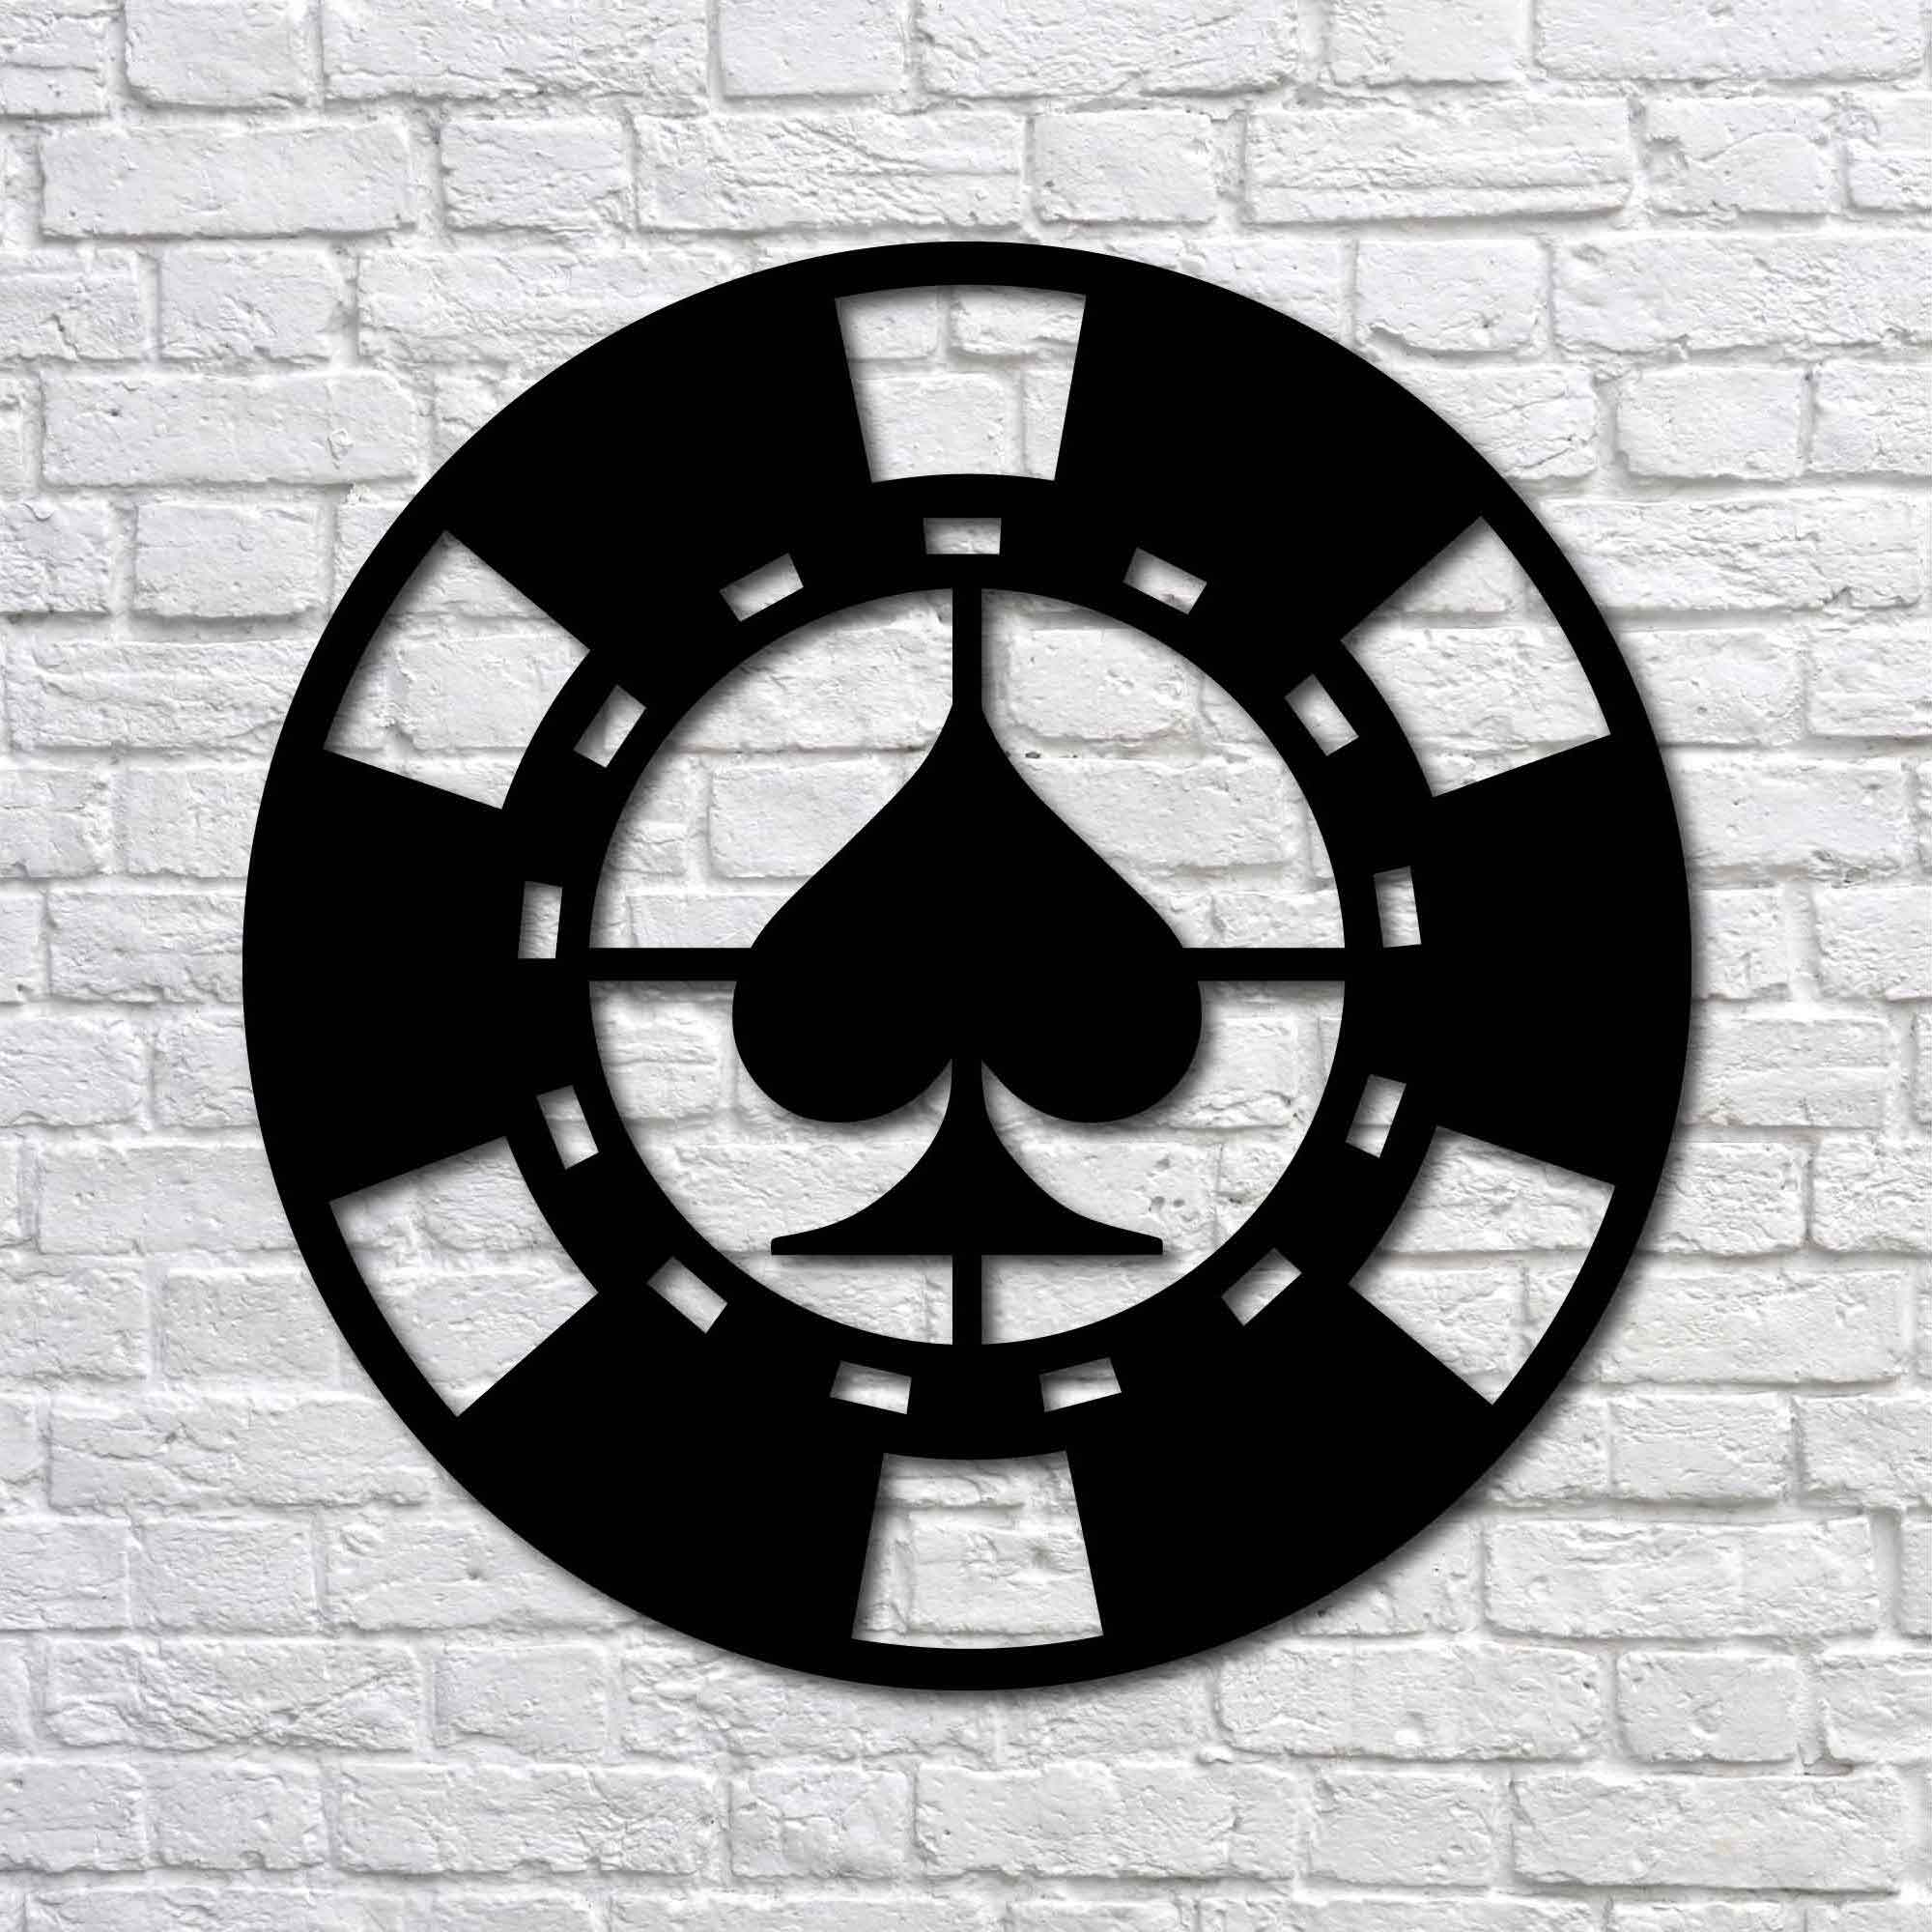 Spade Poker Chip – Mini Metal Wall Art